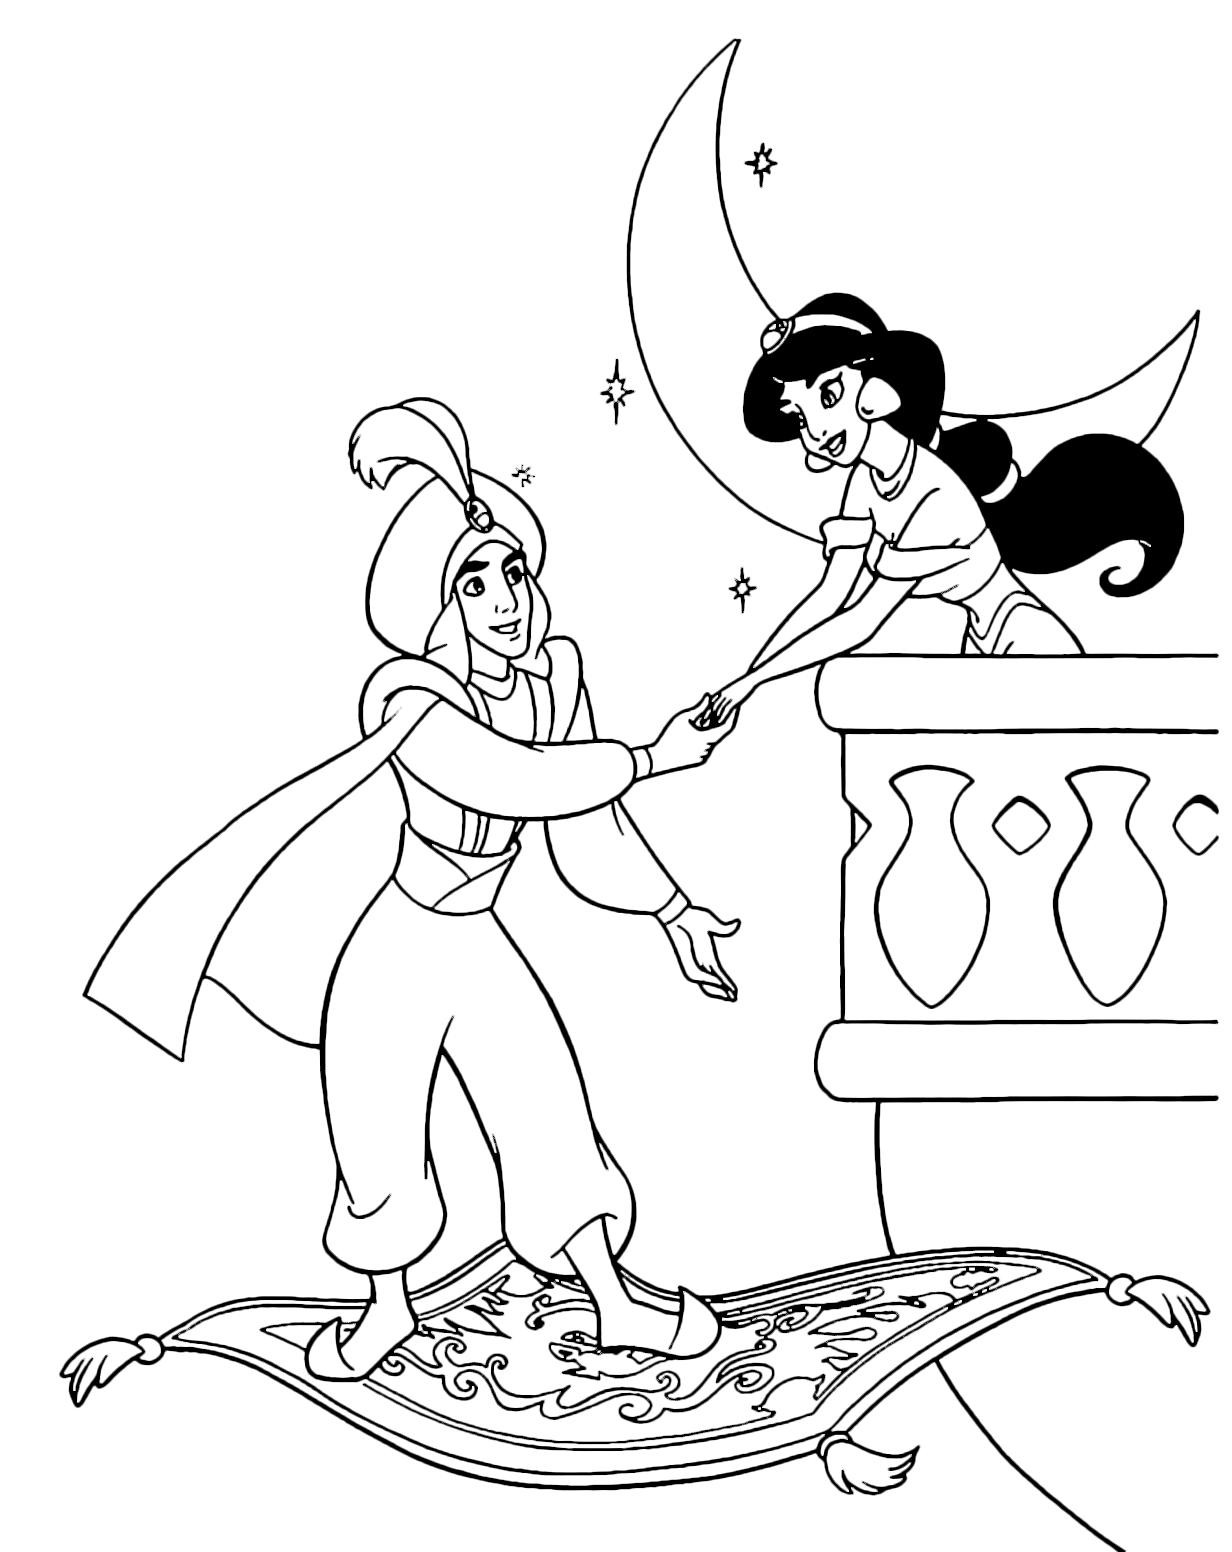 disegni da colorare sul computer delle principesse